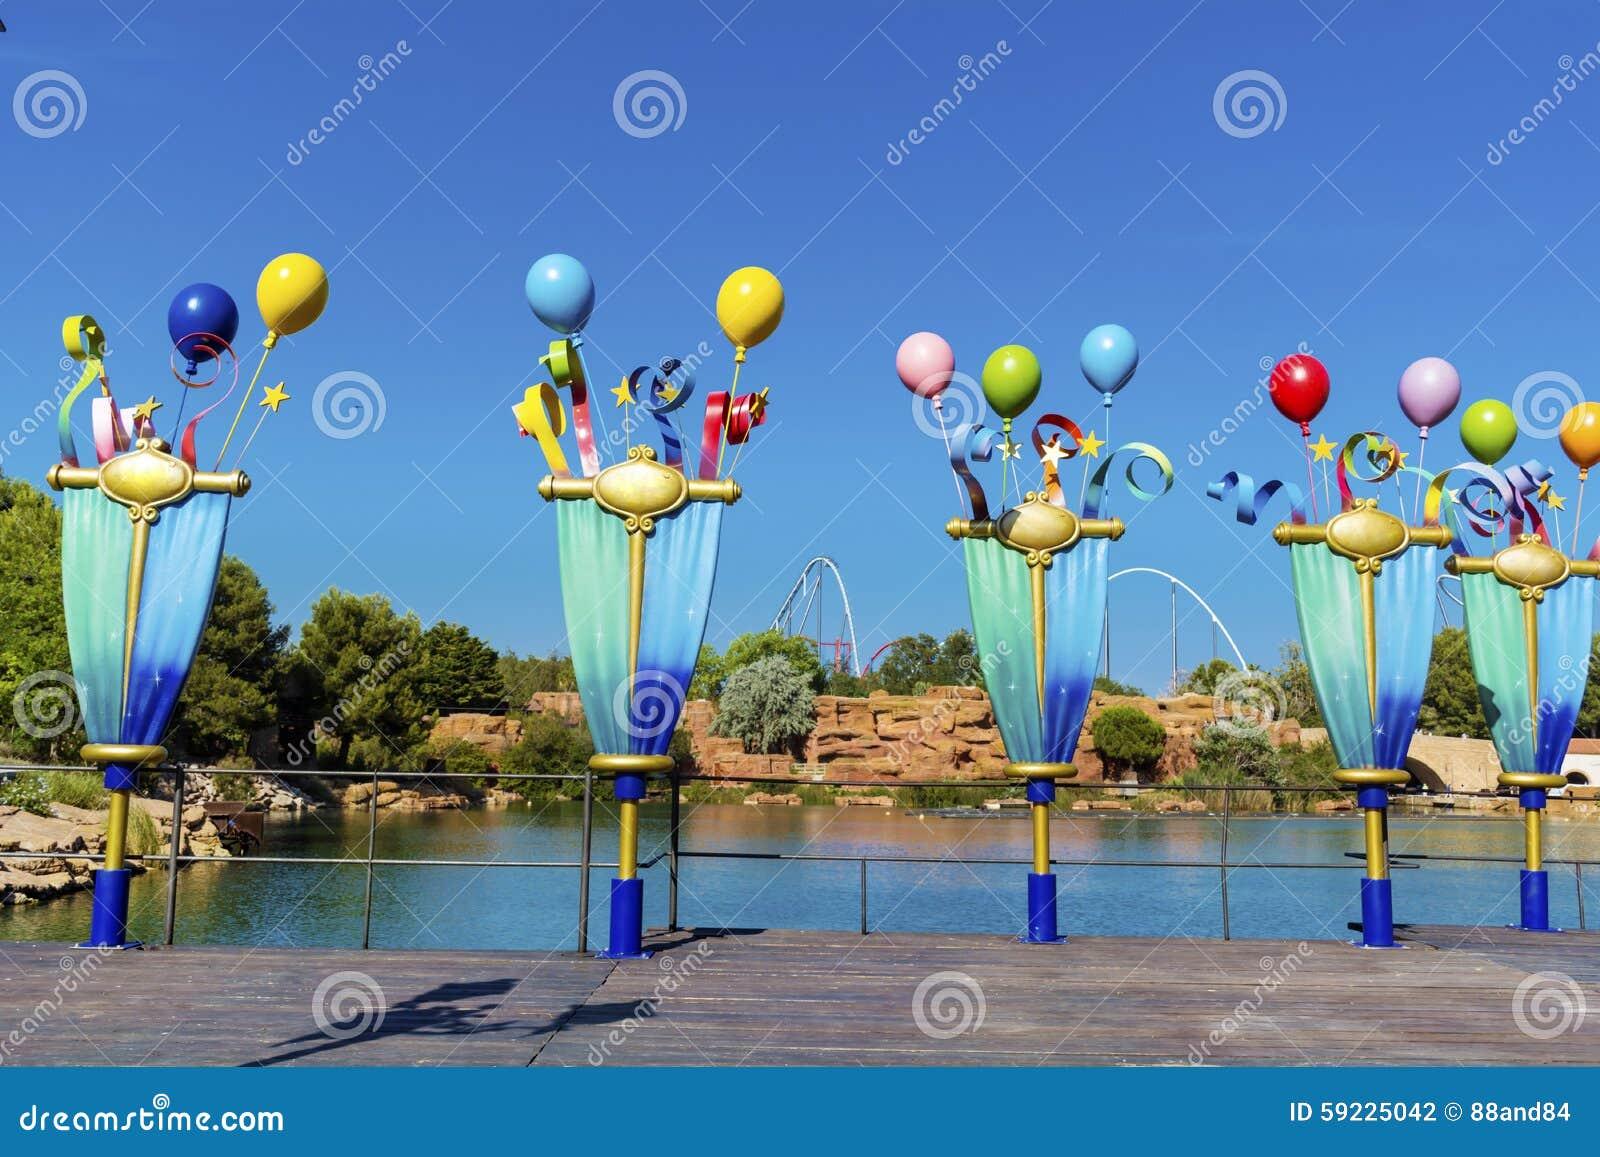 Download Metal Los Polos Decorativos Con Los Globos En Parque De Atracciones Foto de archivo - Imagen de embellezca, atracción: 59225042